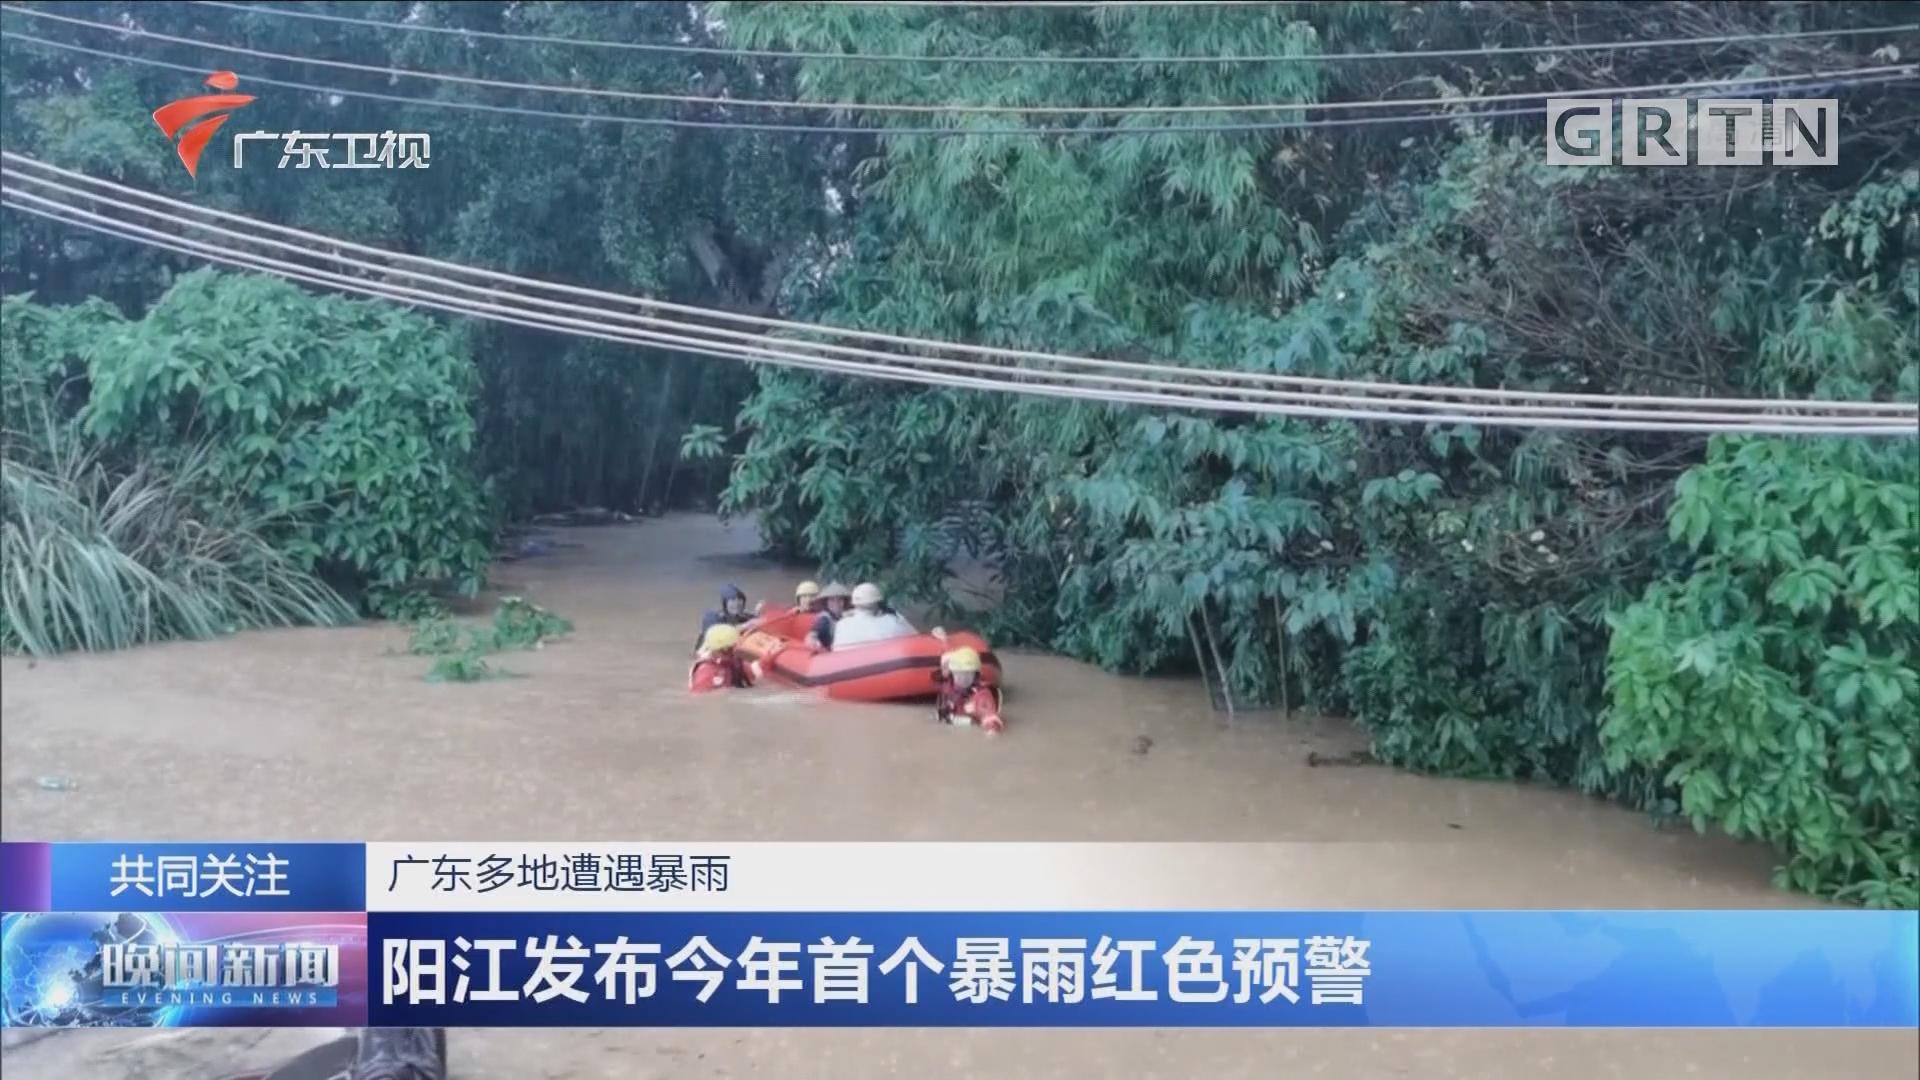 广东多地遭遇暴雨 阳江发布今年首个暴雨红色预警